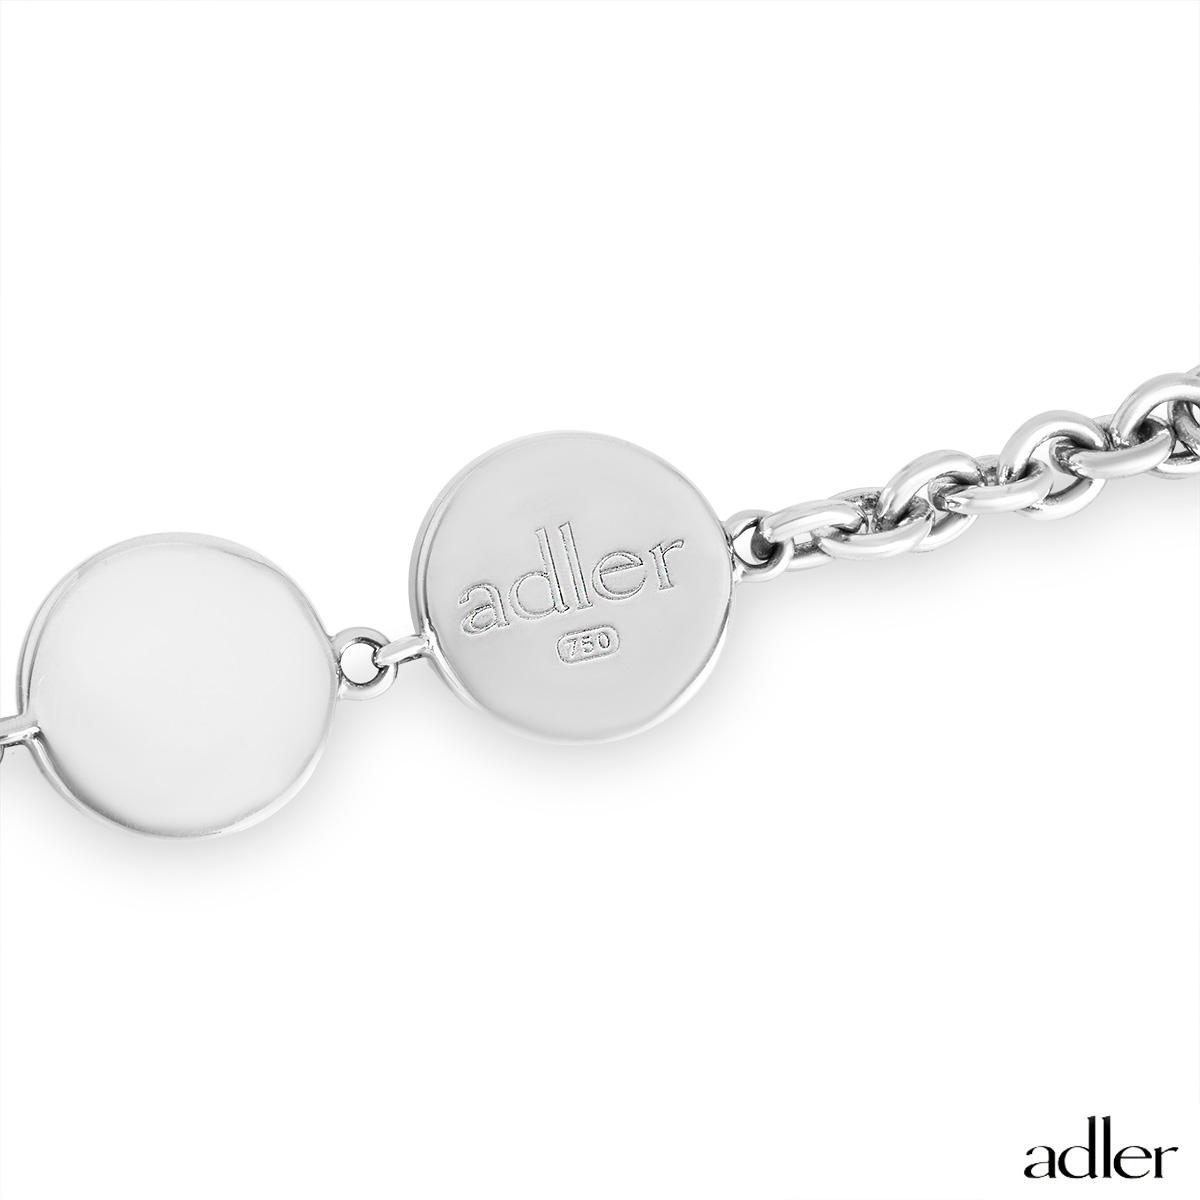 Adler White Gold Eye Bracelet